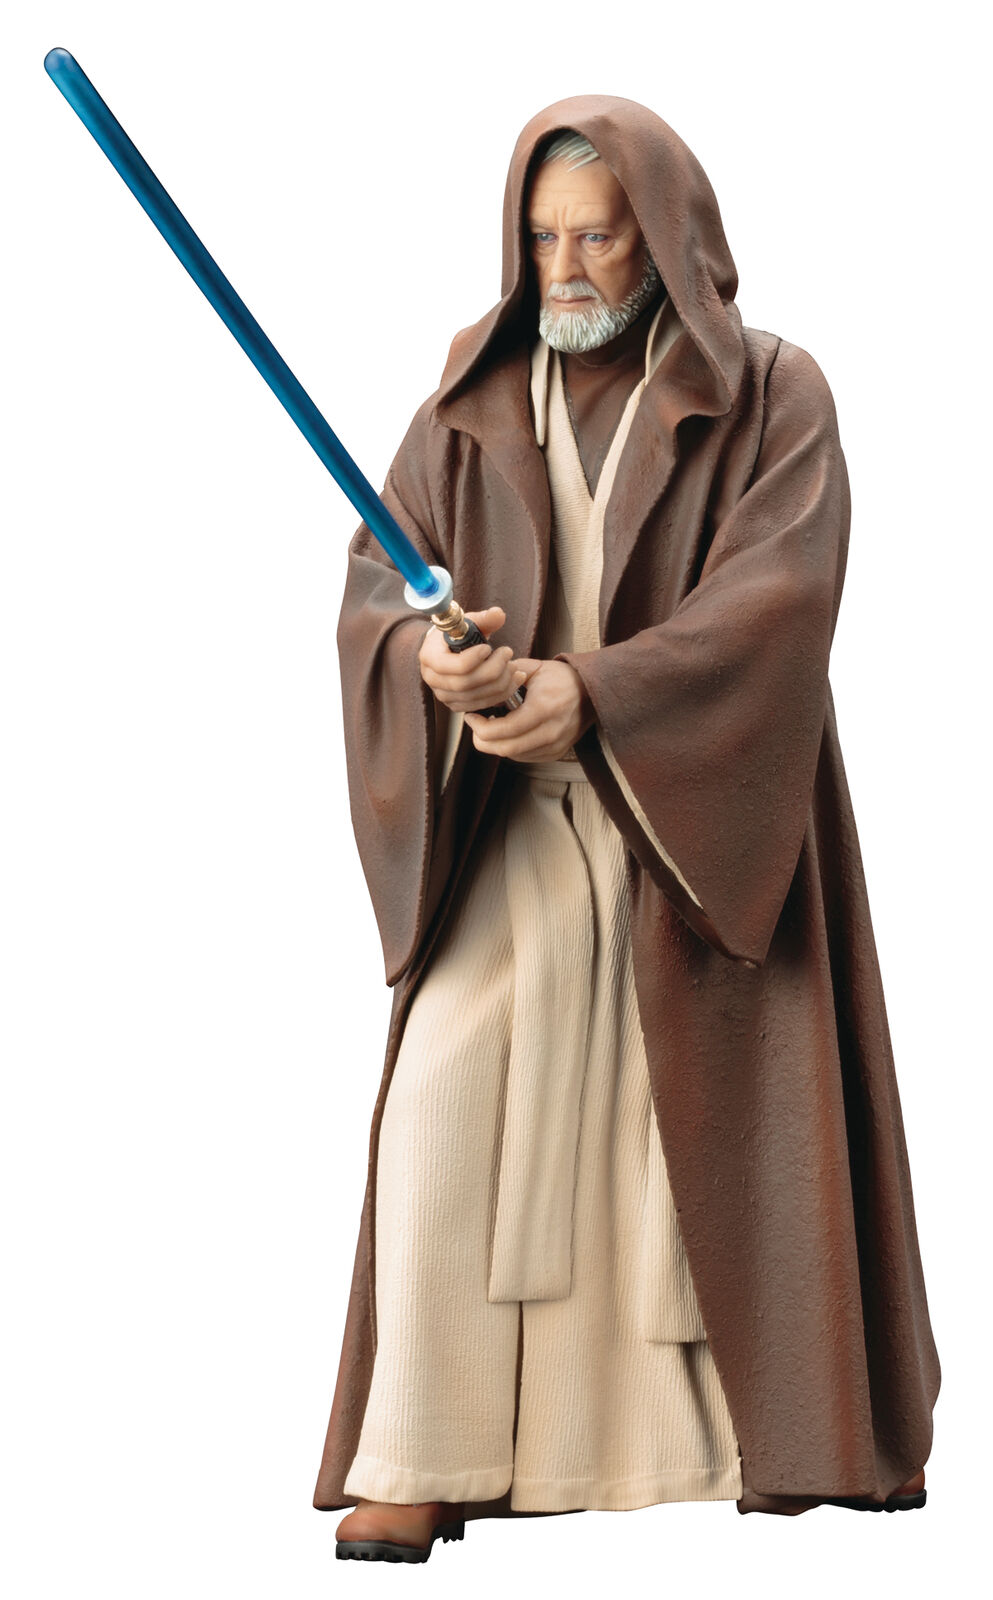 Kotobukiya-Estrella Wars episodio 4-Obi-Wan Kenobi-Artfx Estatua